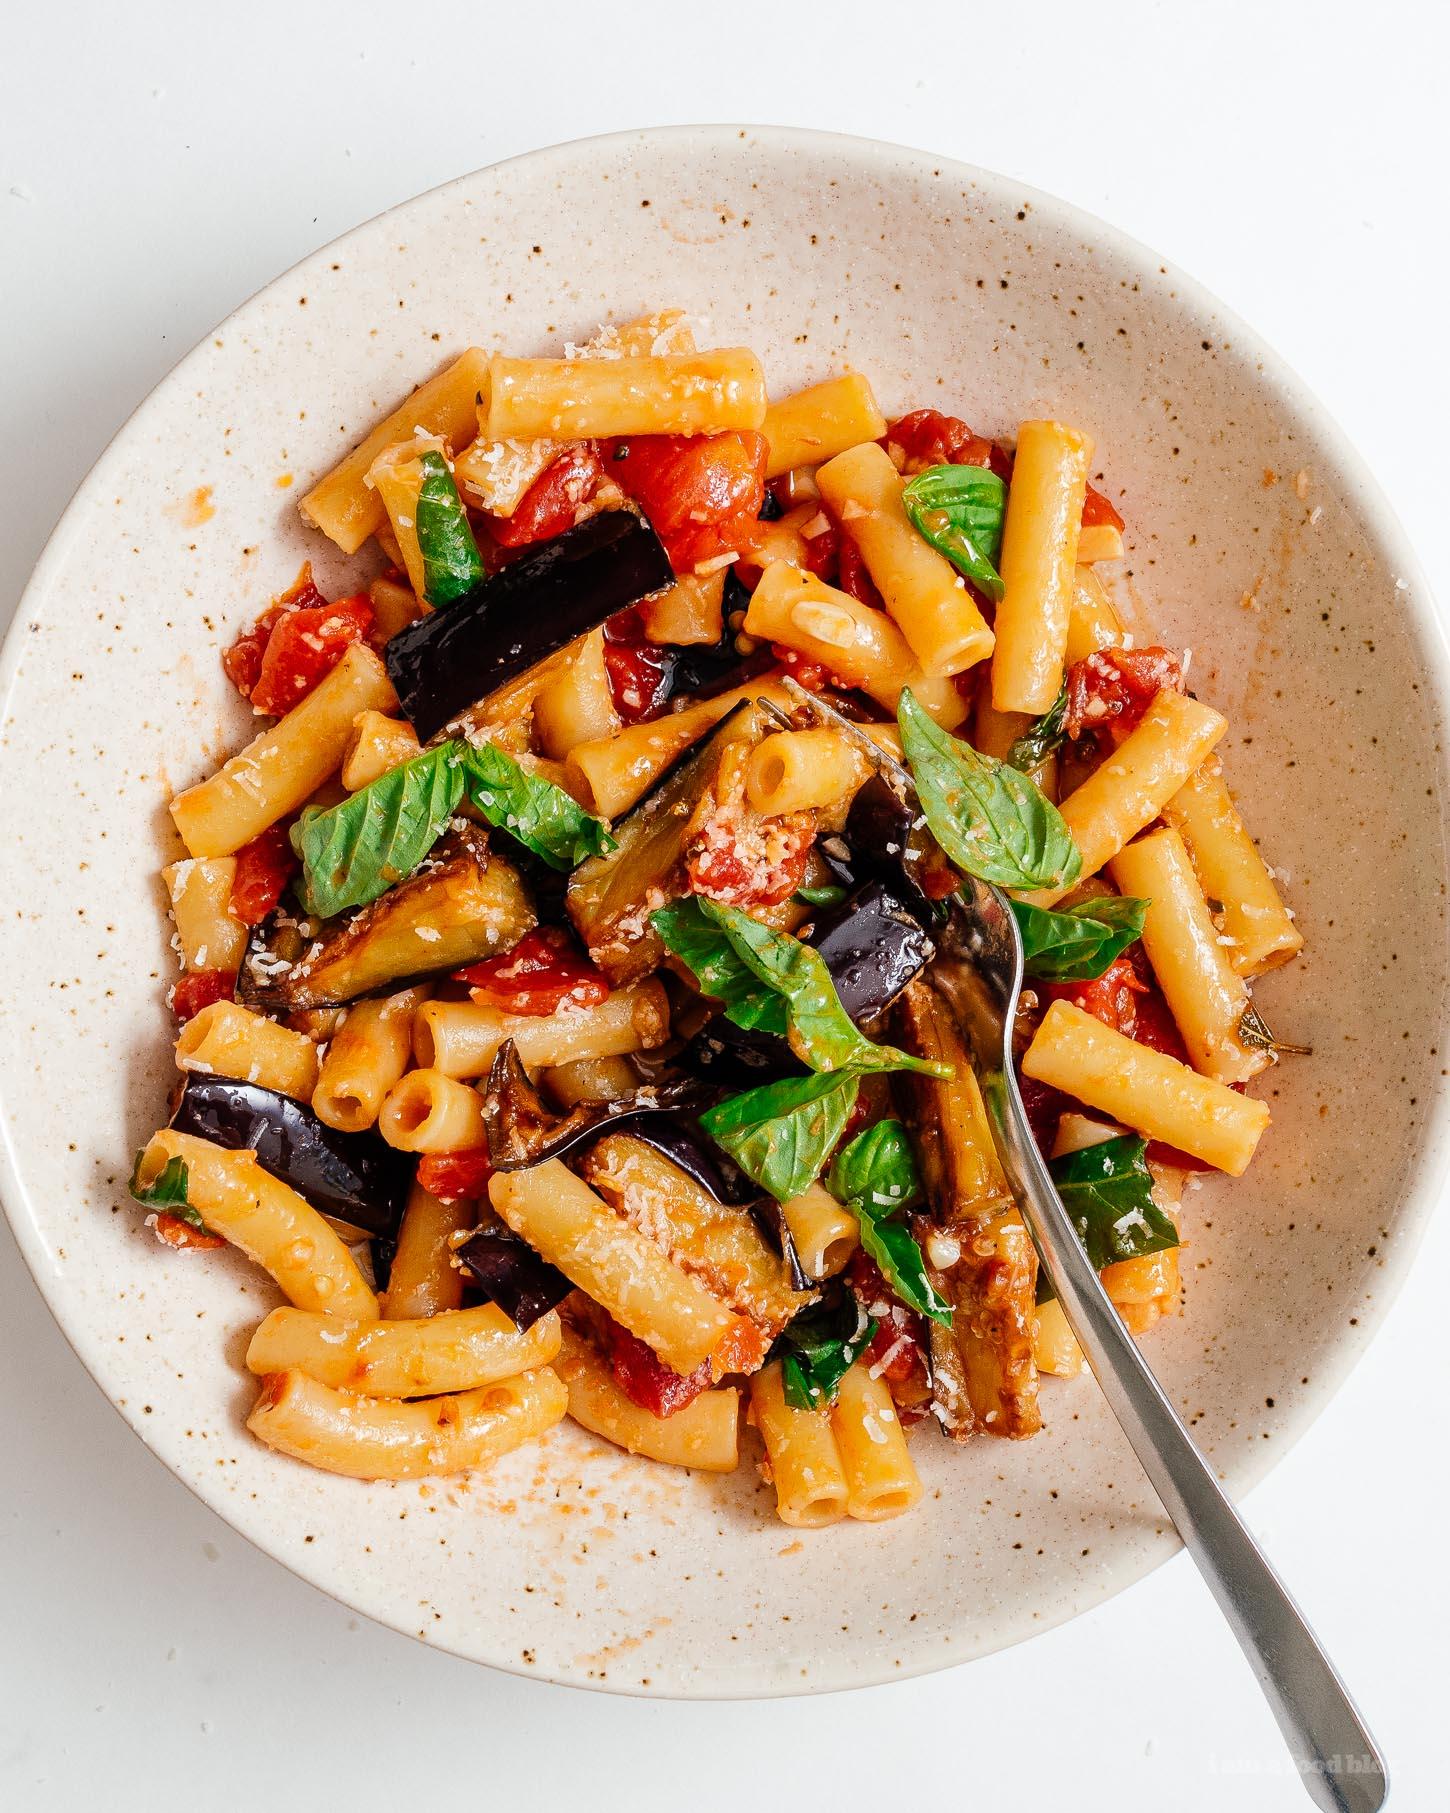 Un plato de pasta tradicional siciliana hecho con berenjenas y tomates remojados.  ¡Sin carne, súper sabroso y fácil!  |  www.iamafoodblog.com